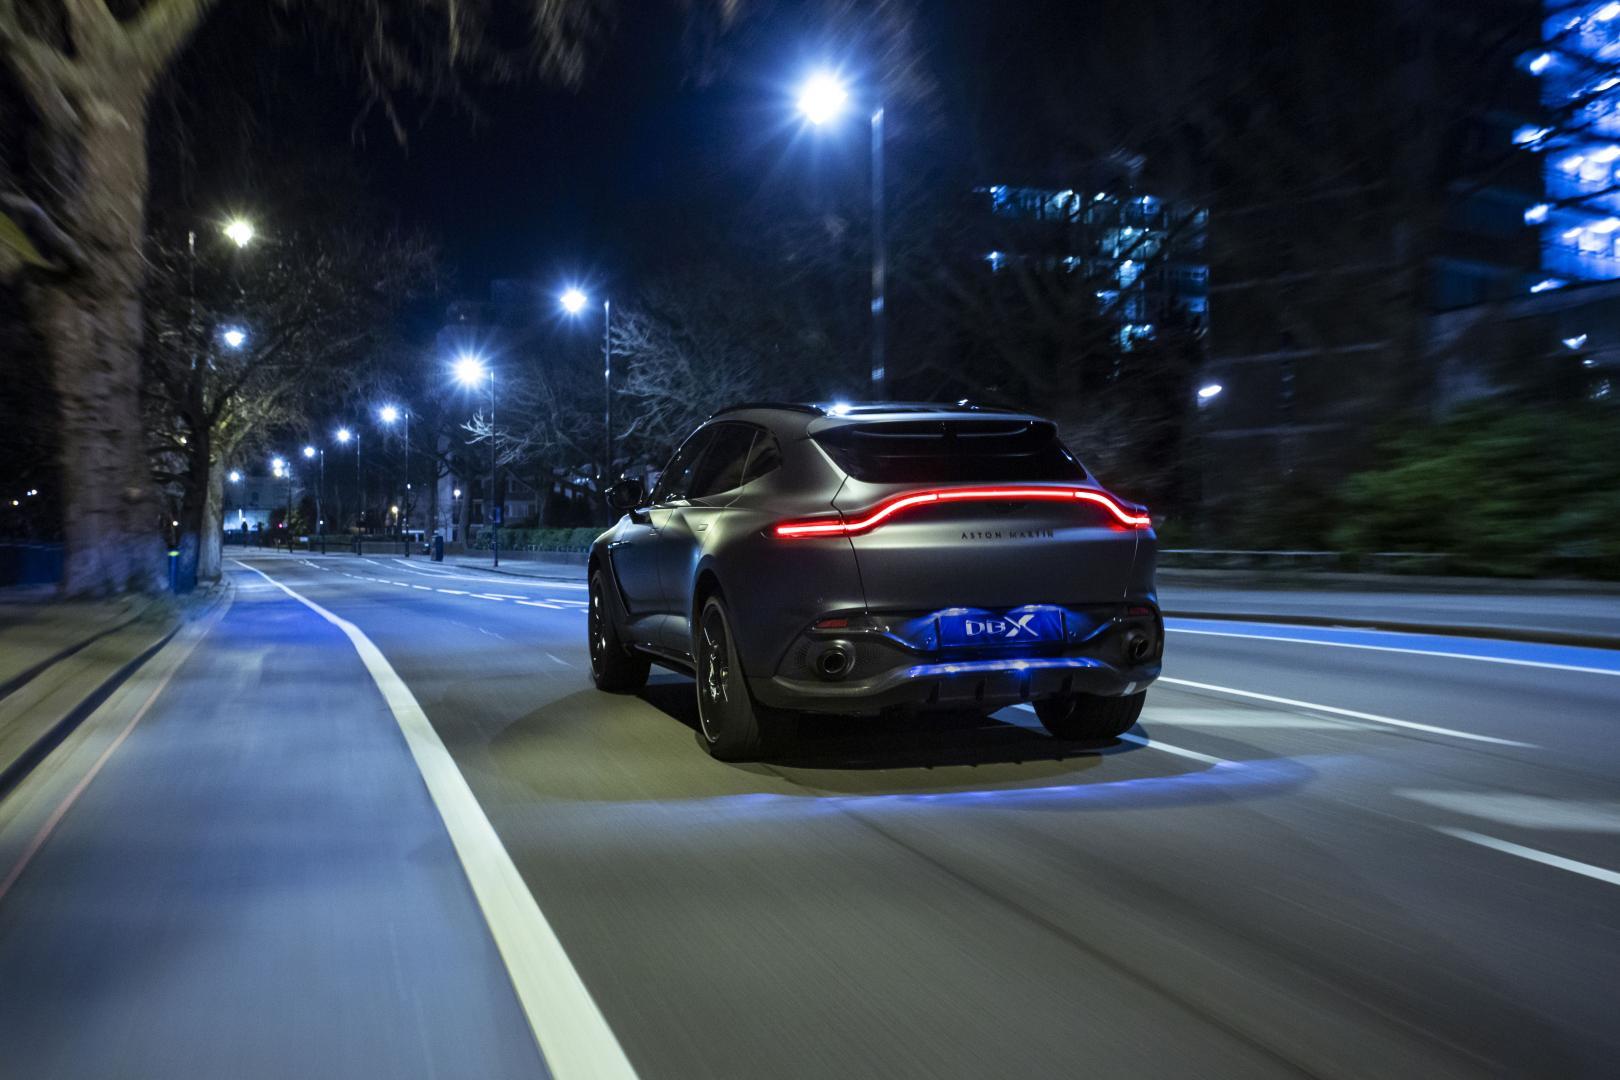 Aston Martin DBX by Q in de nacht door Londen